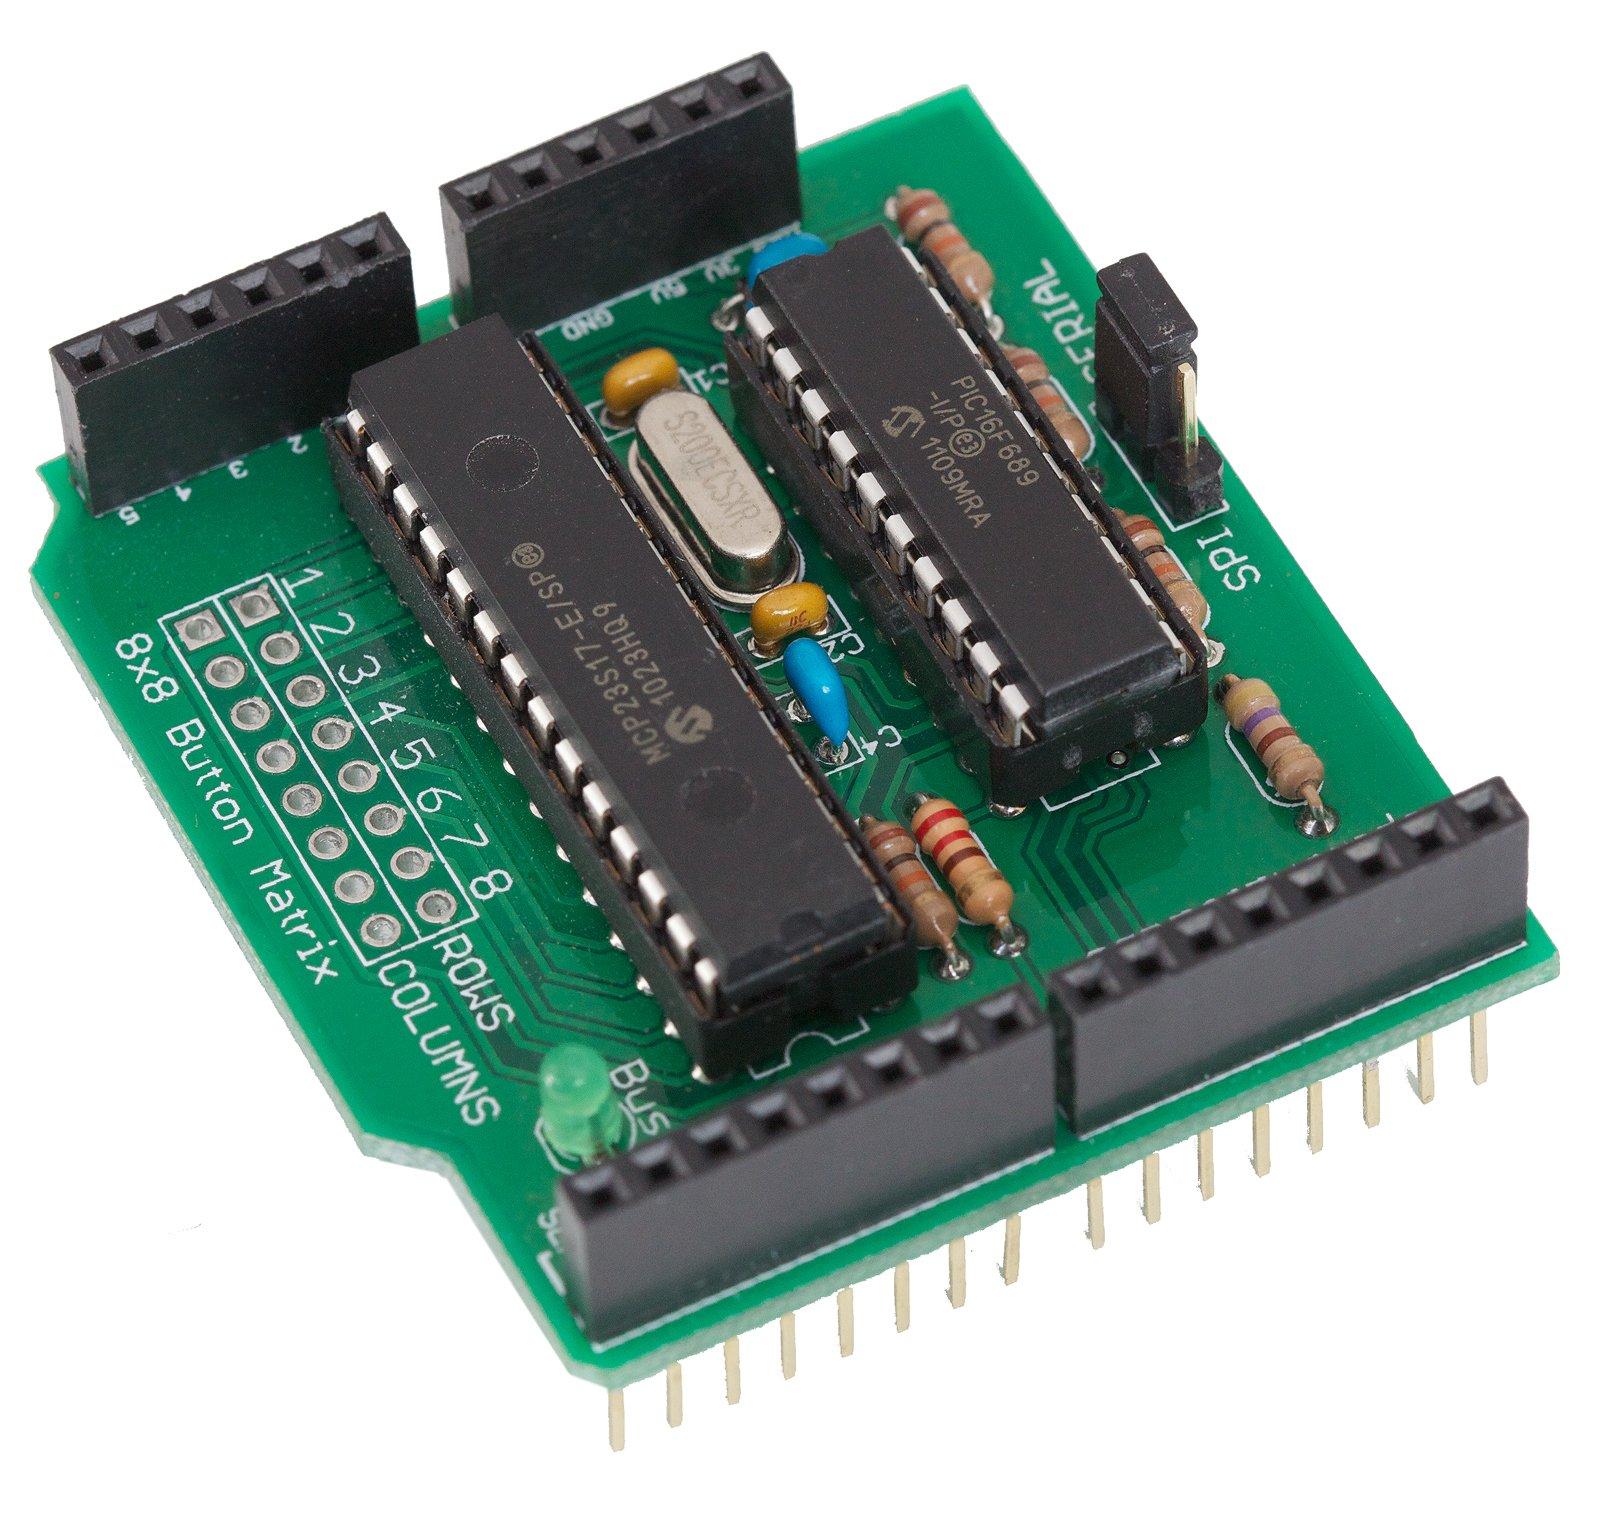 SpikenzieLabs 64 Button Shield for Arduino